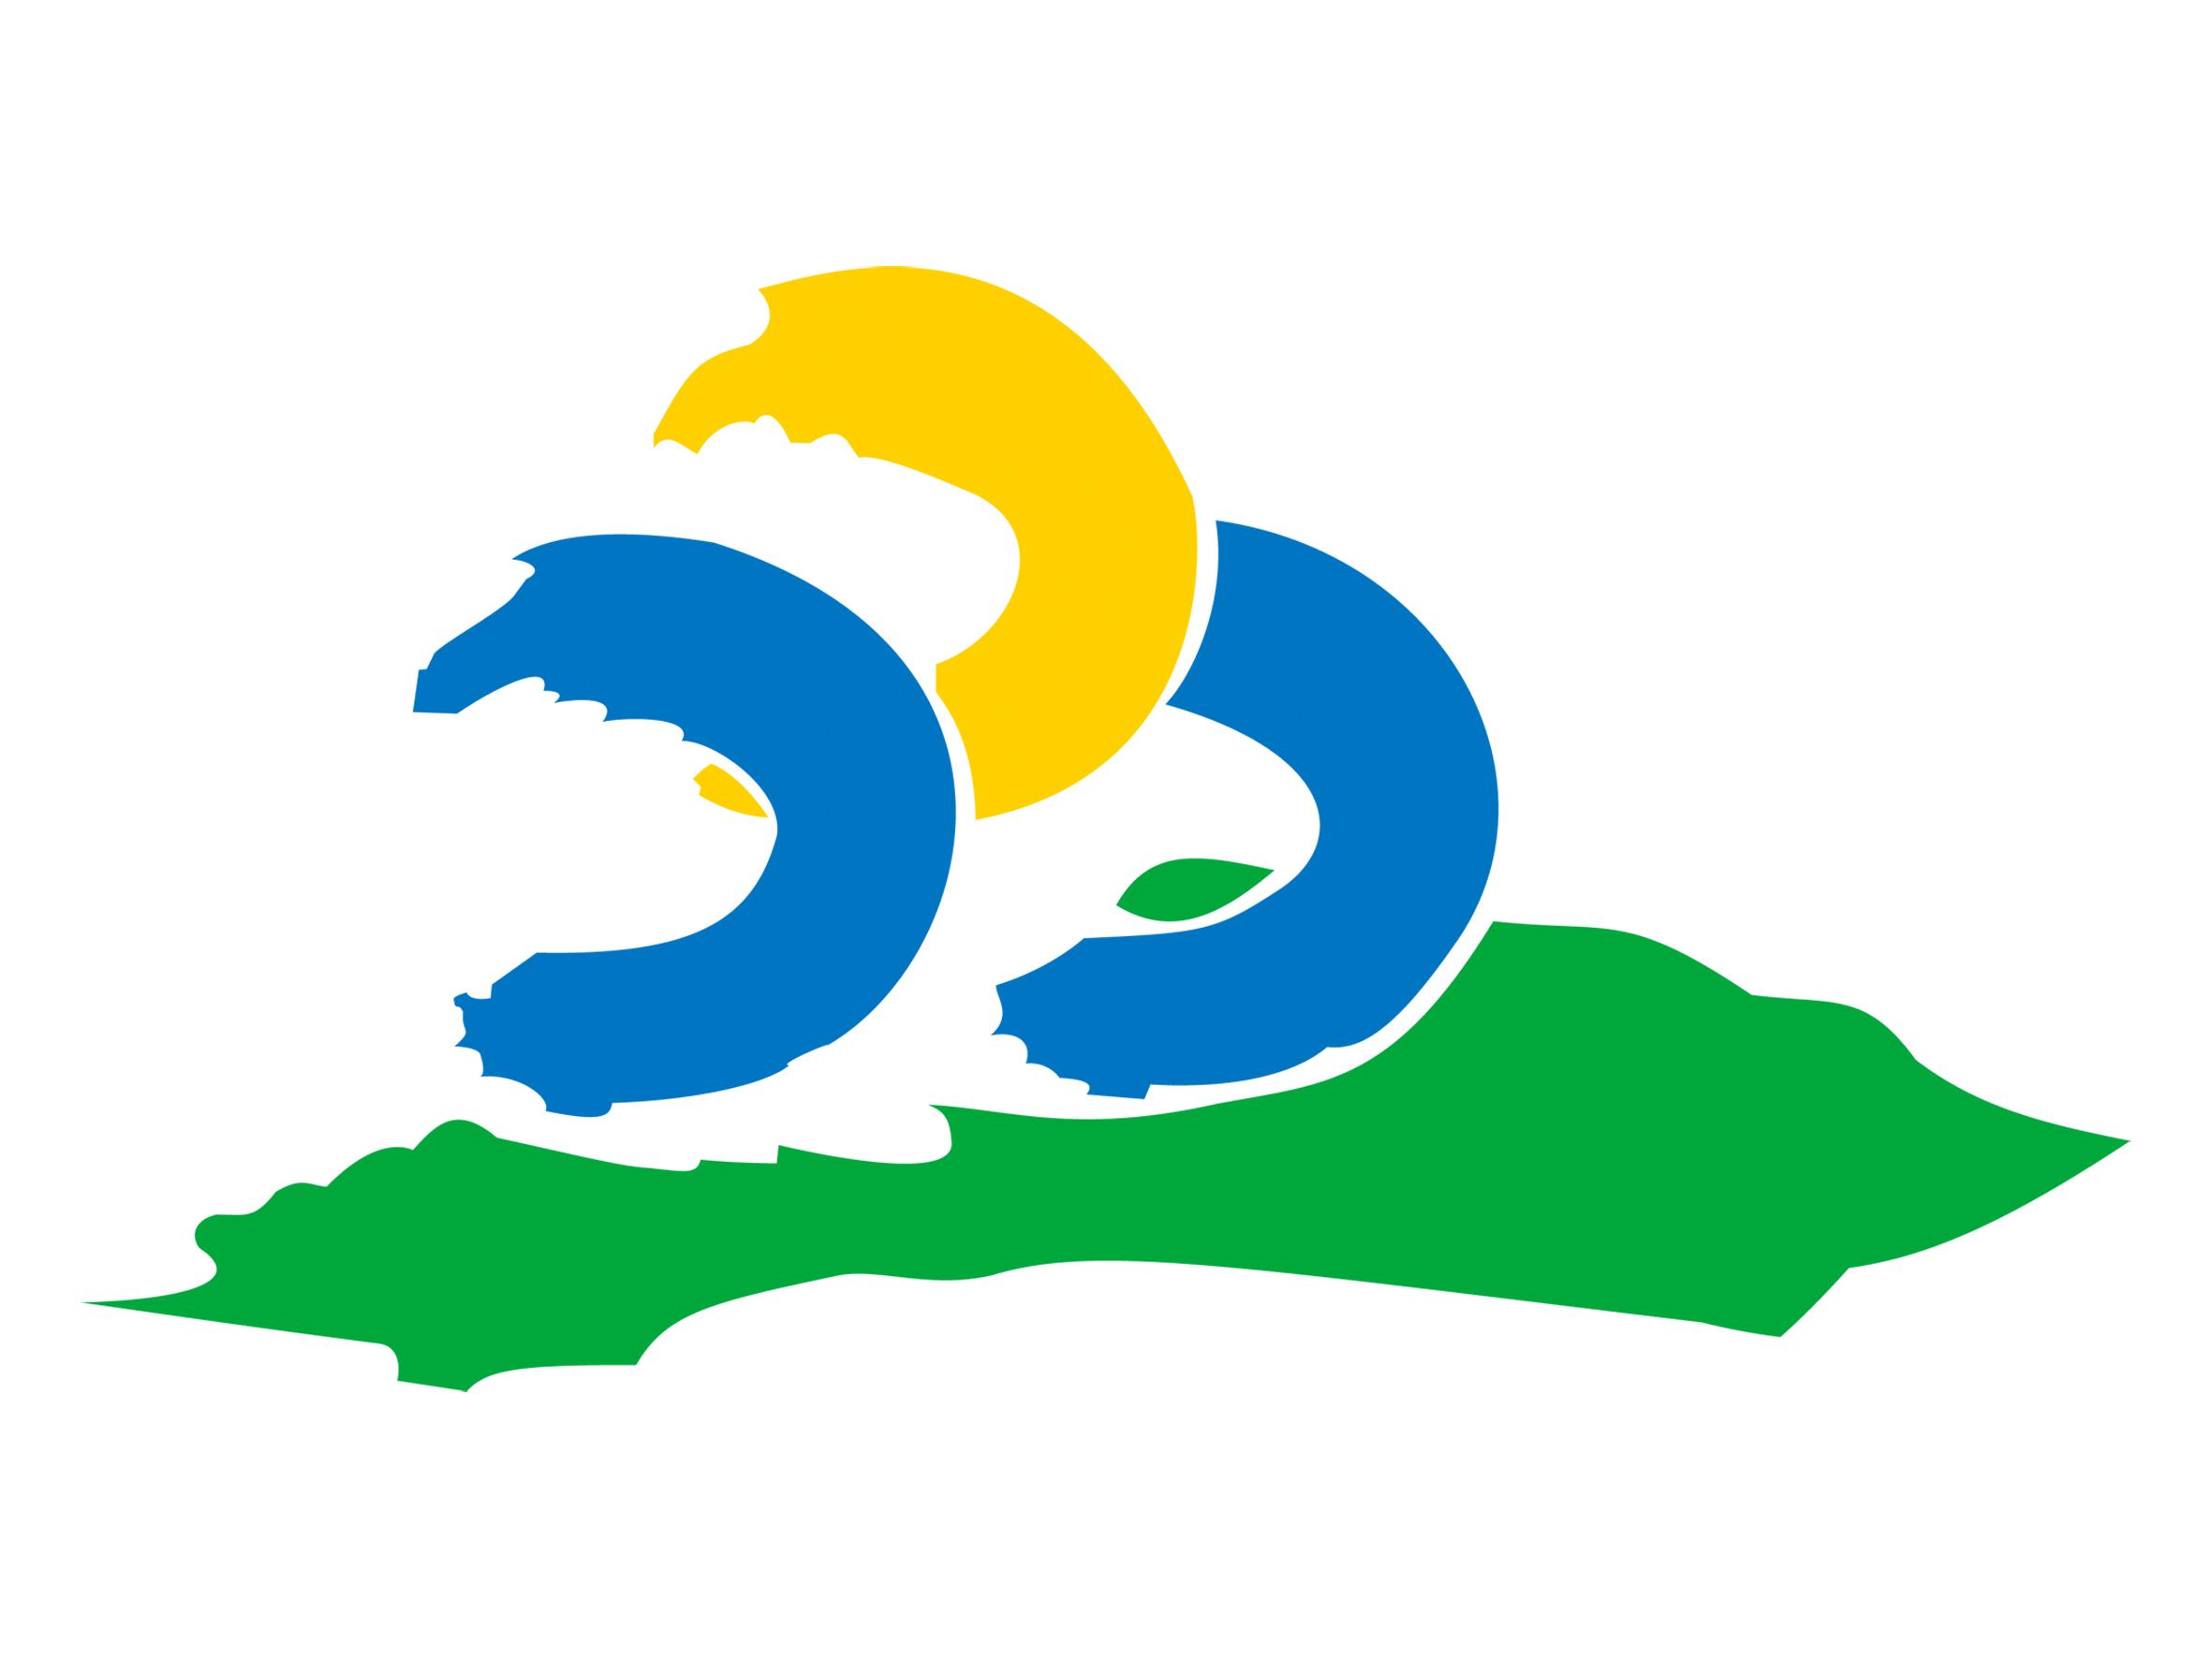 logo logo 标志 设计 矢量 矢量图 素材 图标 2362_1772